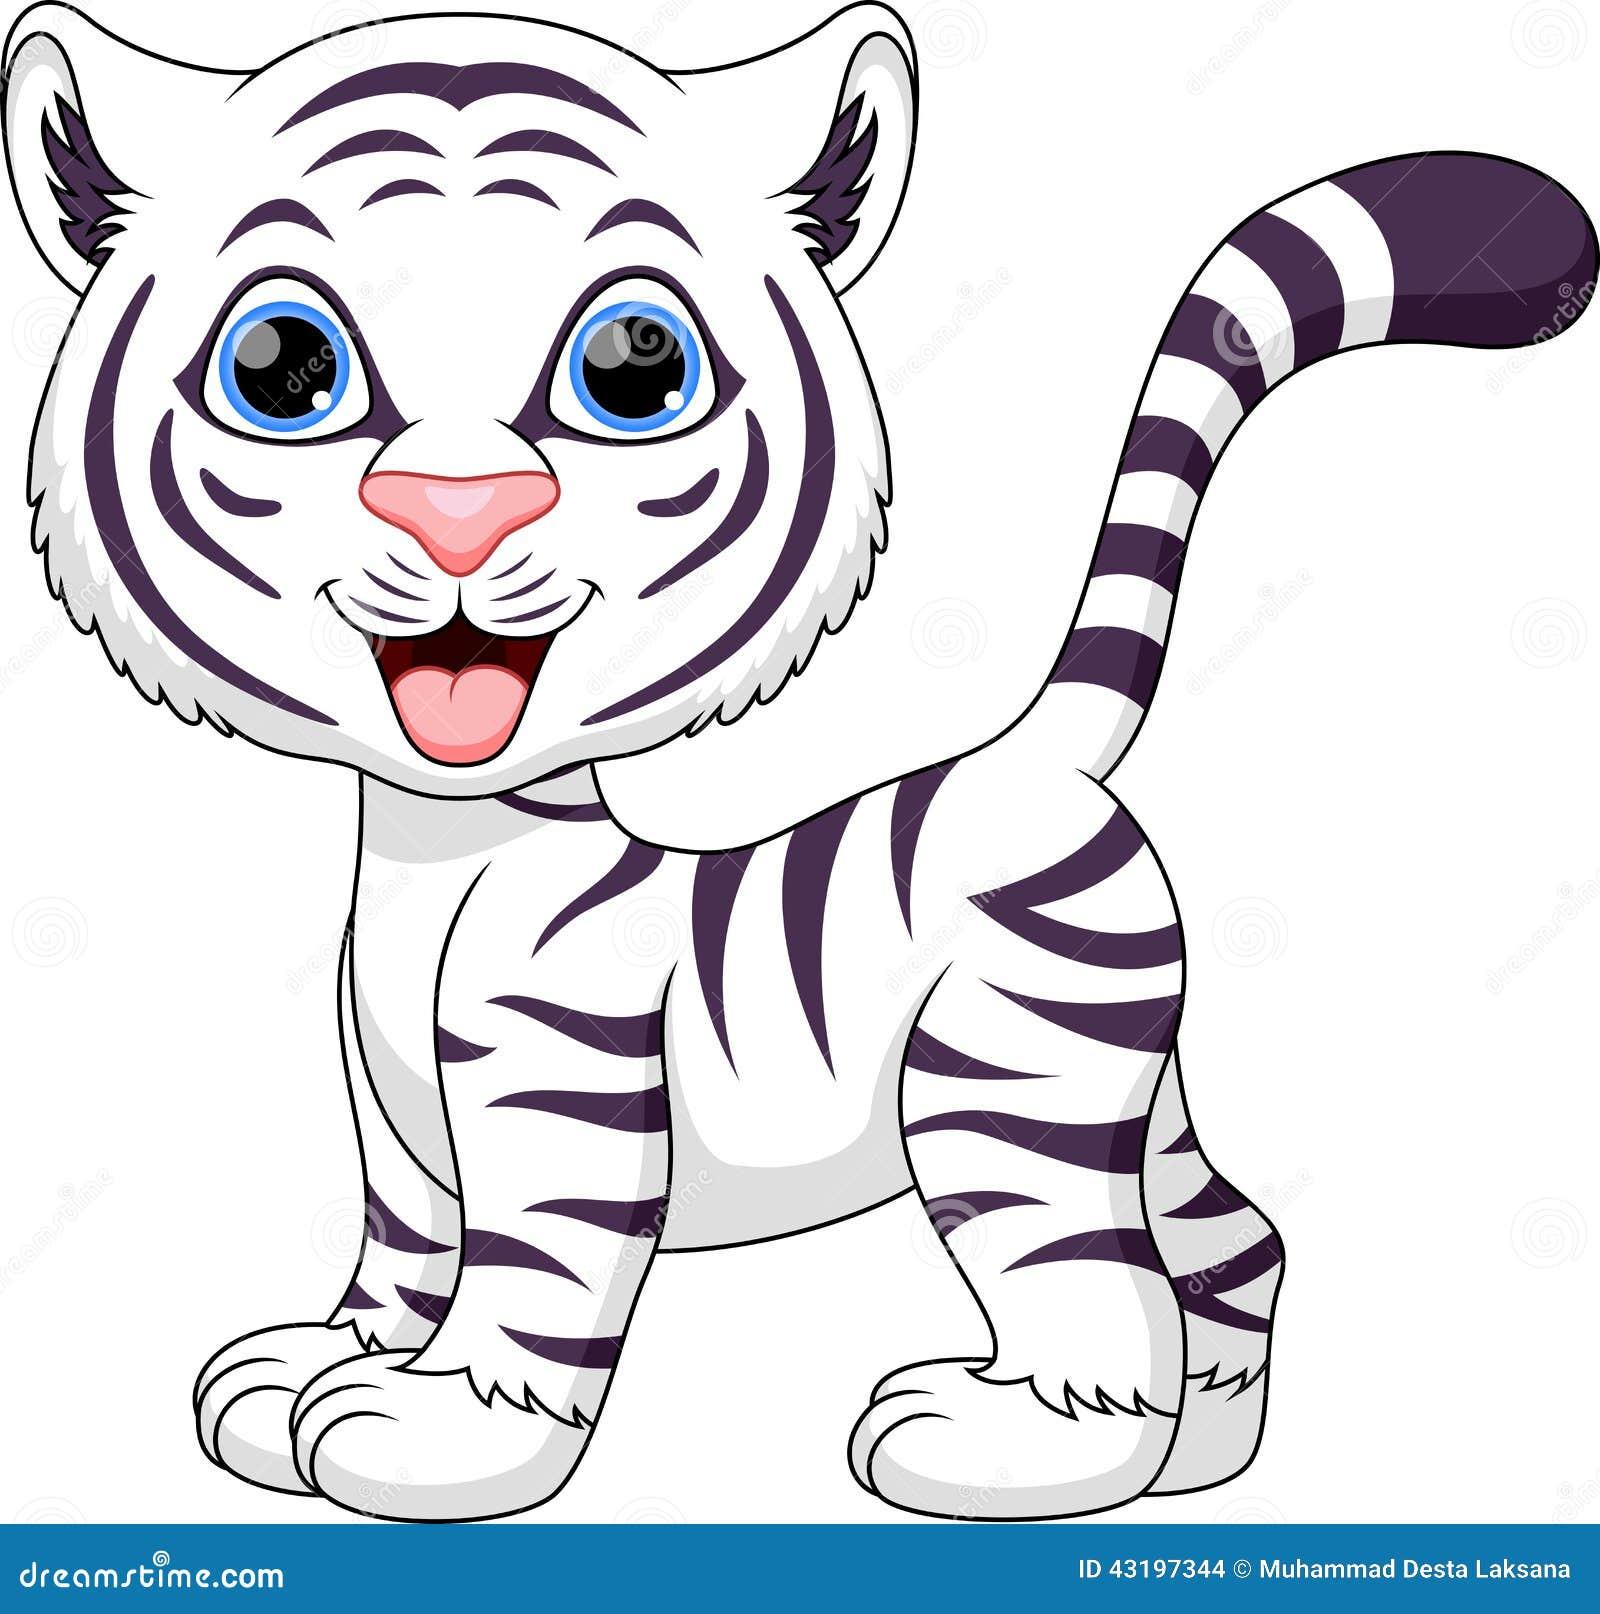 Dessin anim mignon de tigre illustration stock image 43197344 - Dessin de tigre facile ...